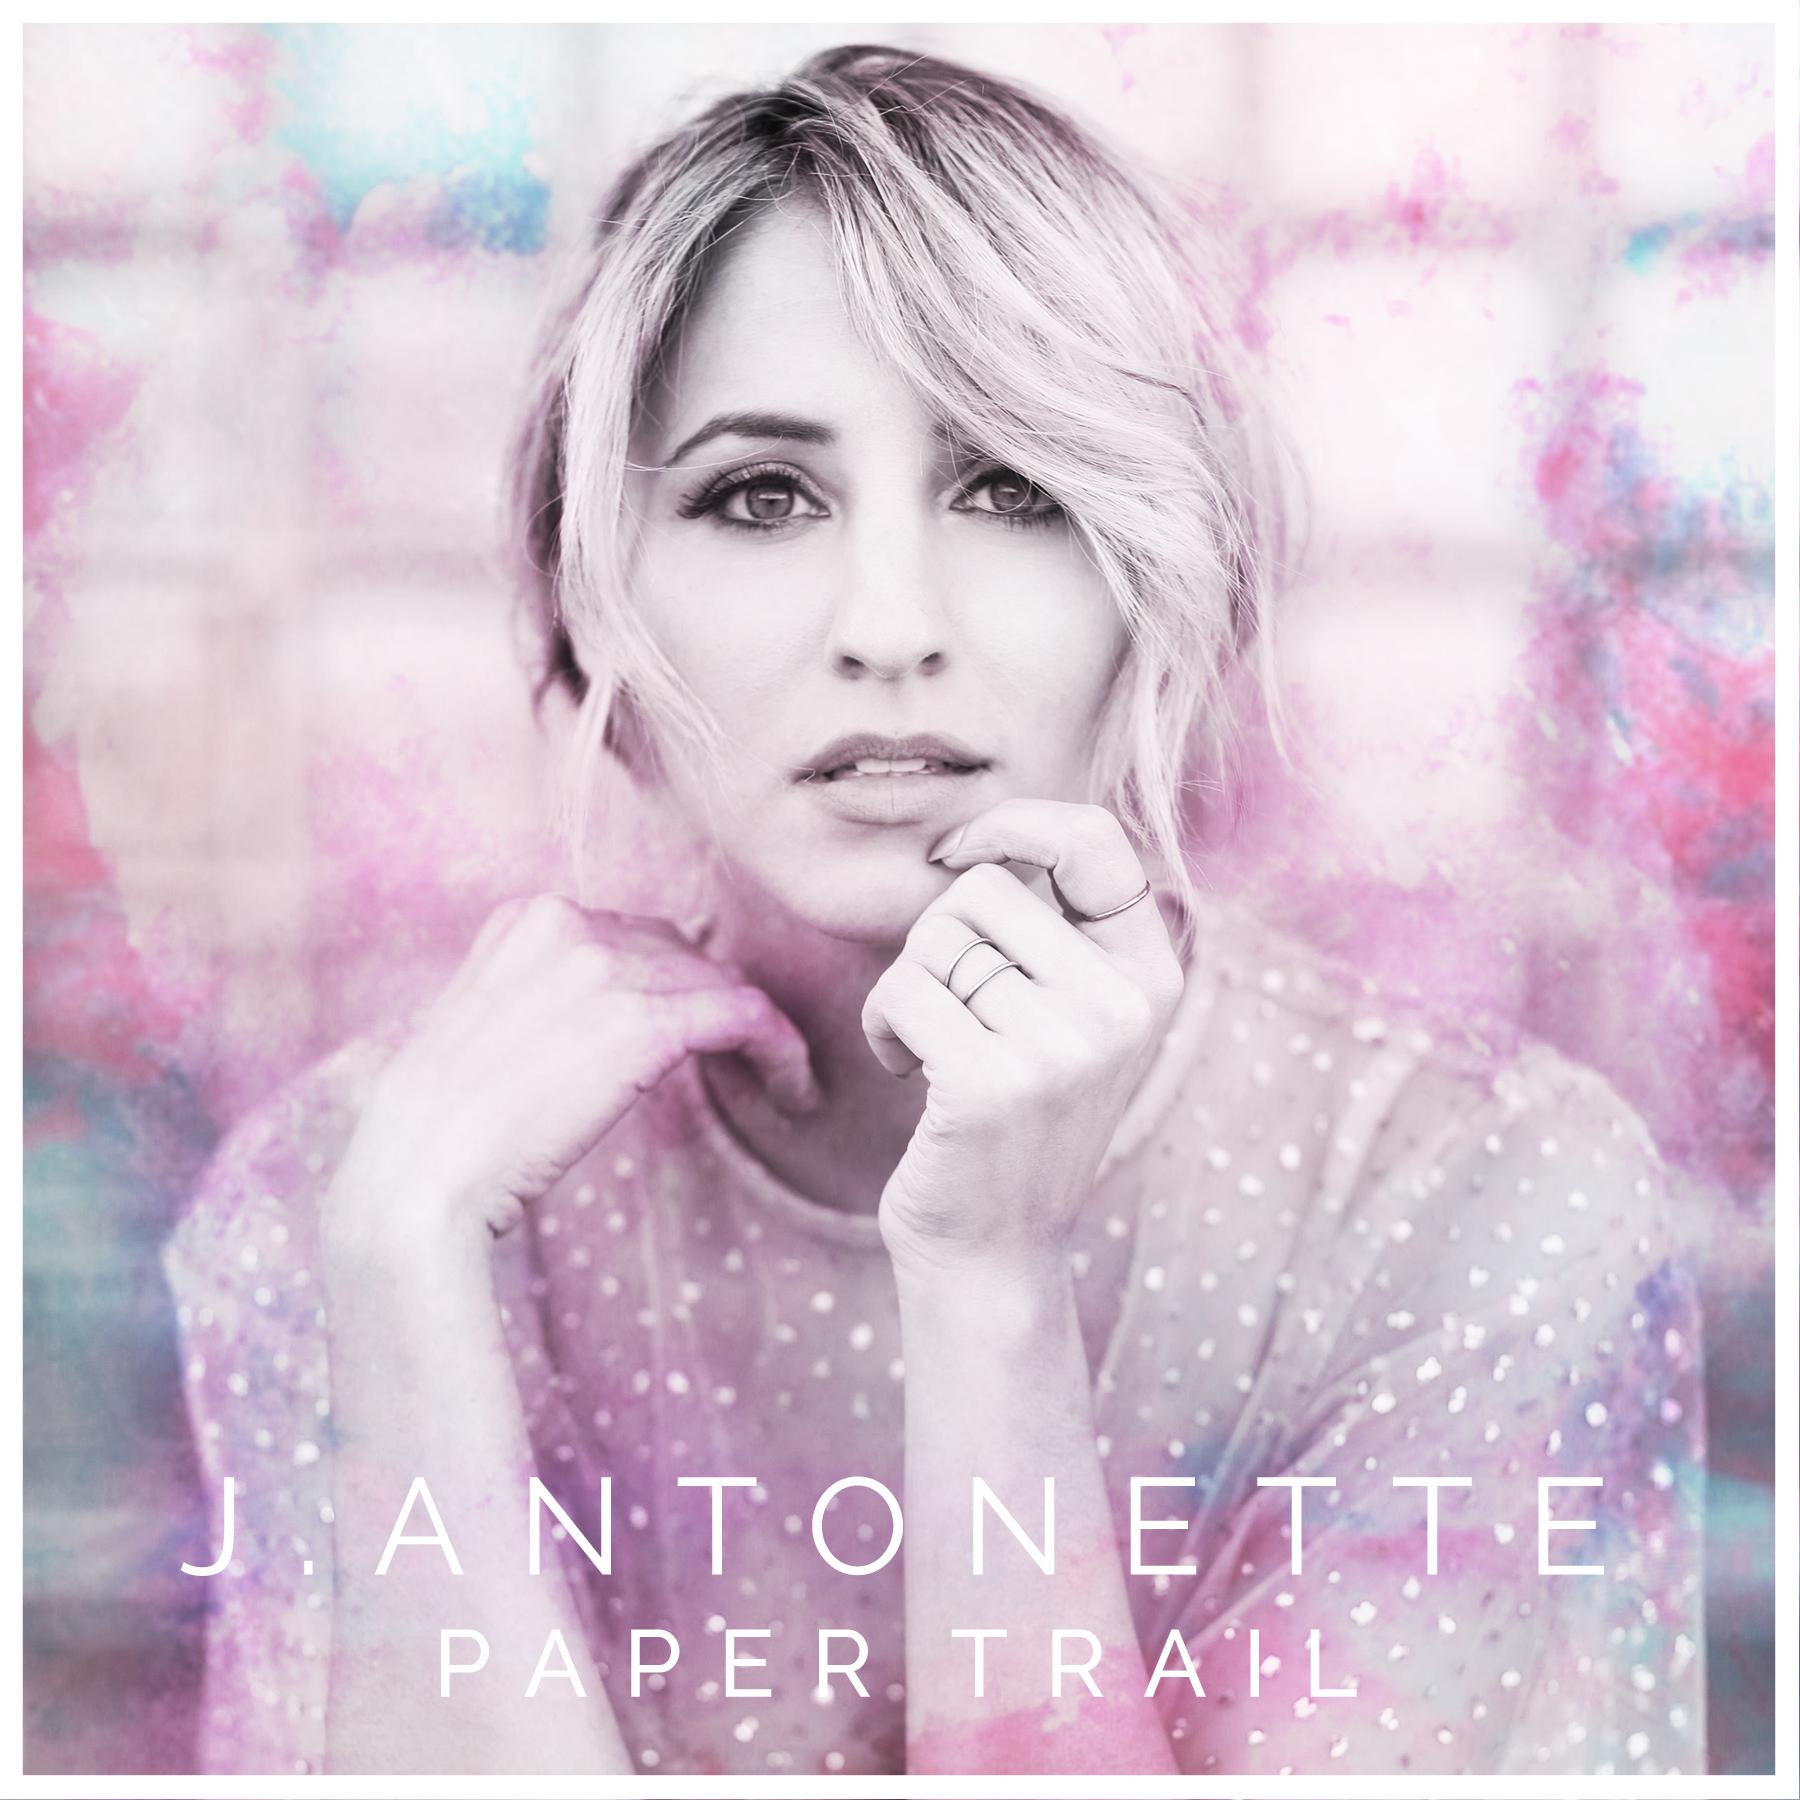 """J.Antonette """"Paper Trail"""" EP"""